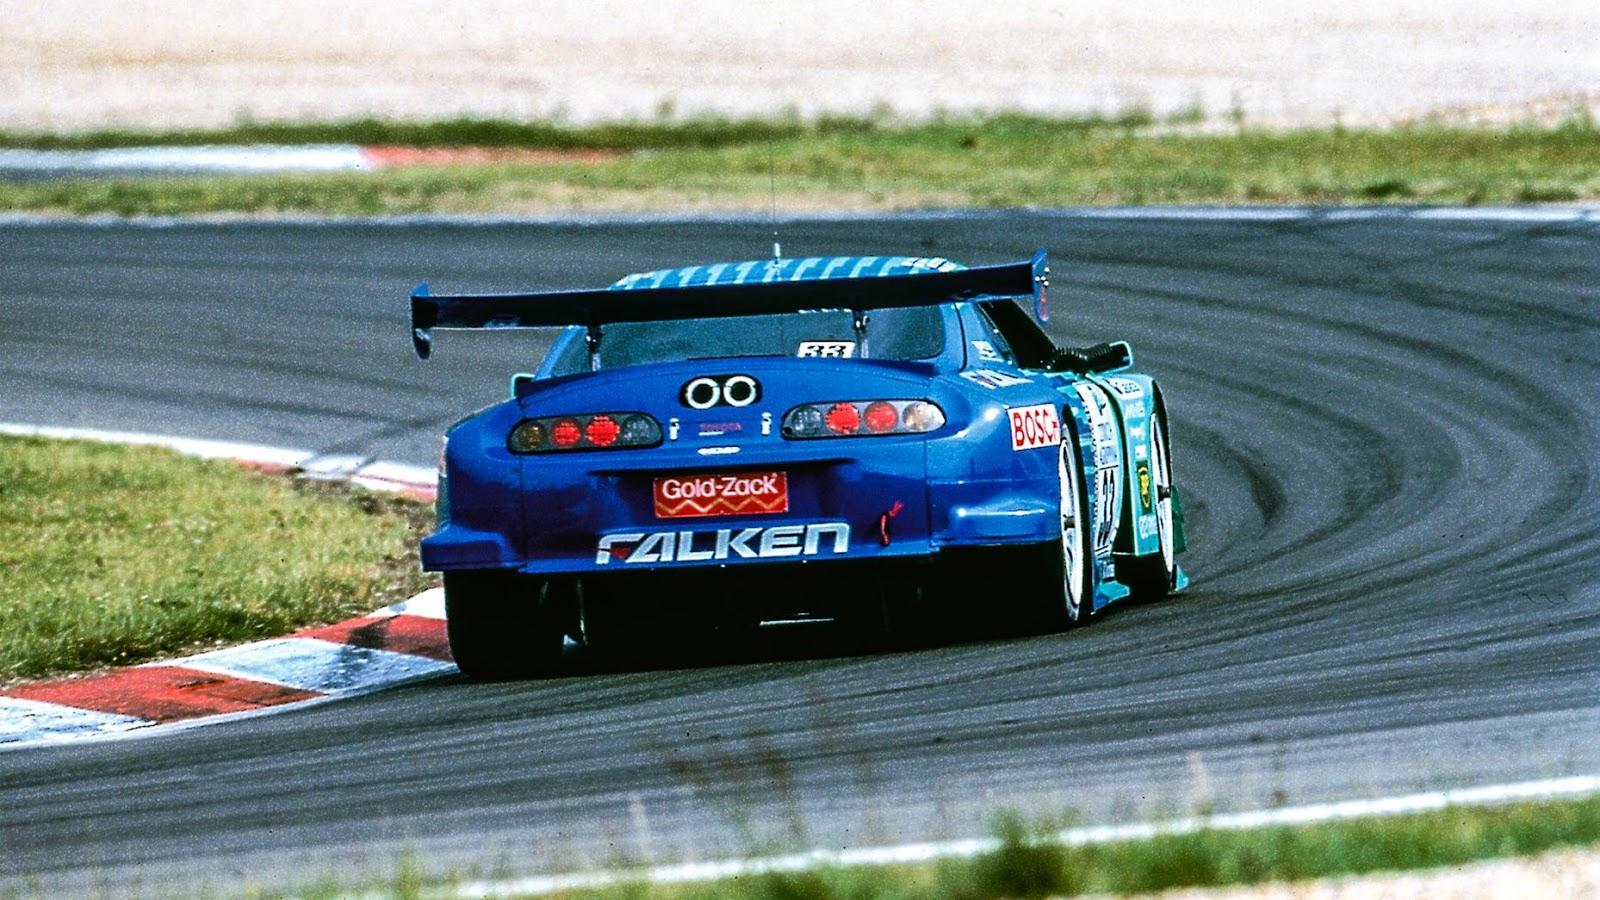 2000 - Toyota Supra